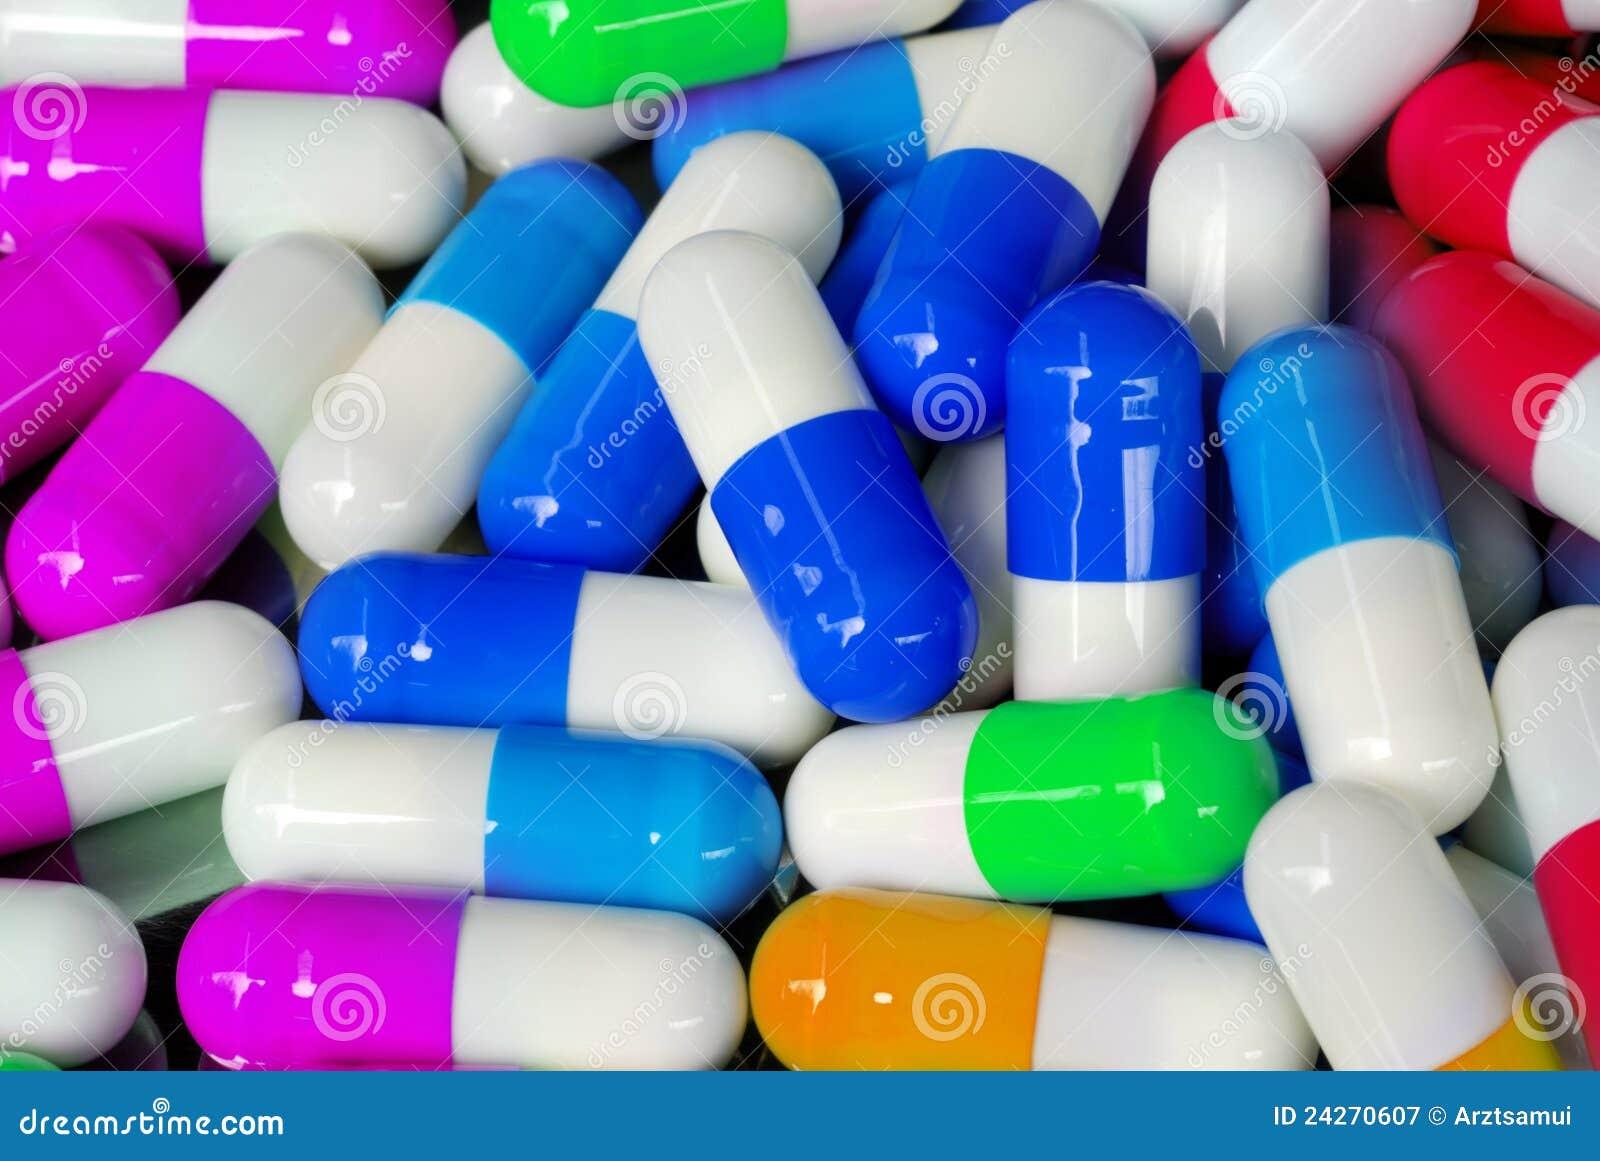 M Antibiotic Antibiotic Capsule Roy...